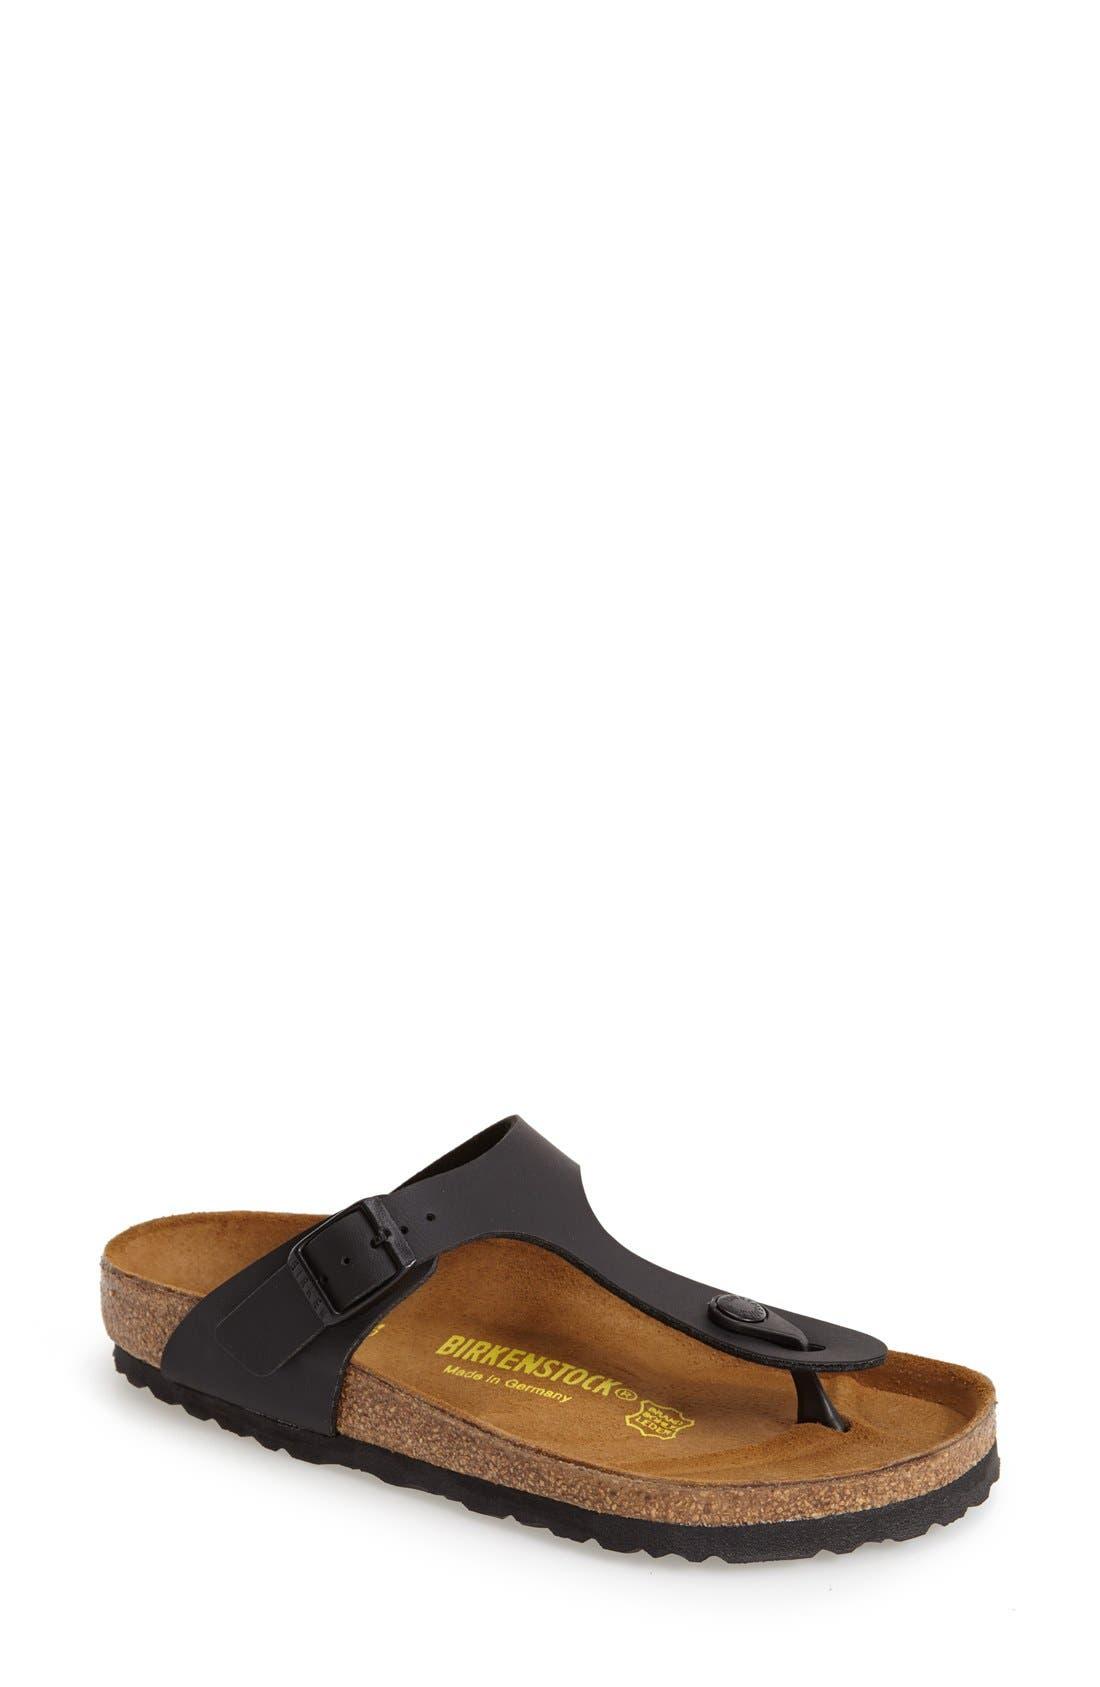 Alternate Image 1 Selected - Birkenstock 'Gizeh' Birko-Flor Thong Sandal (Women)